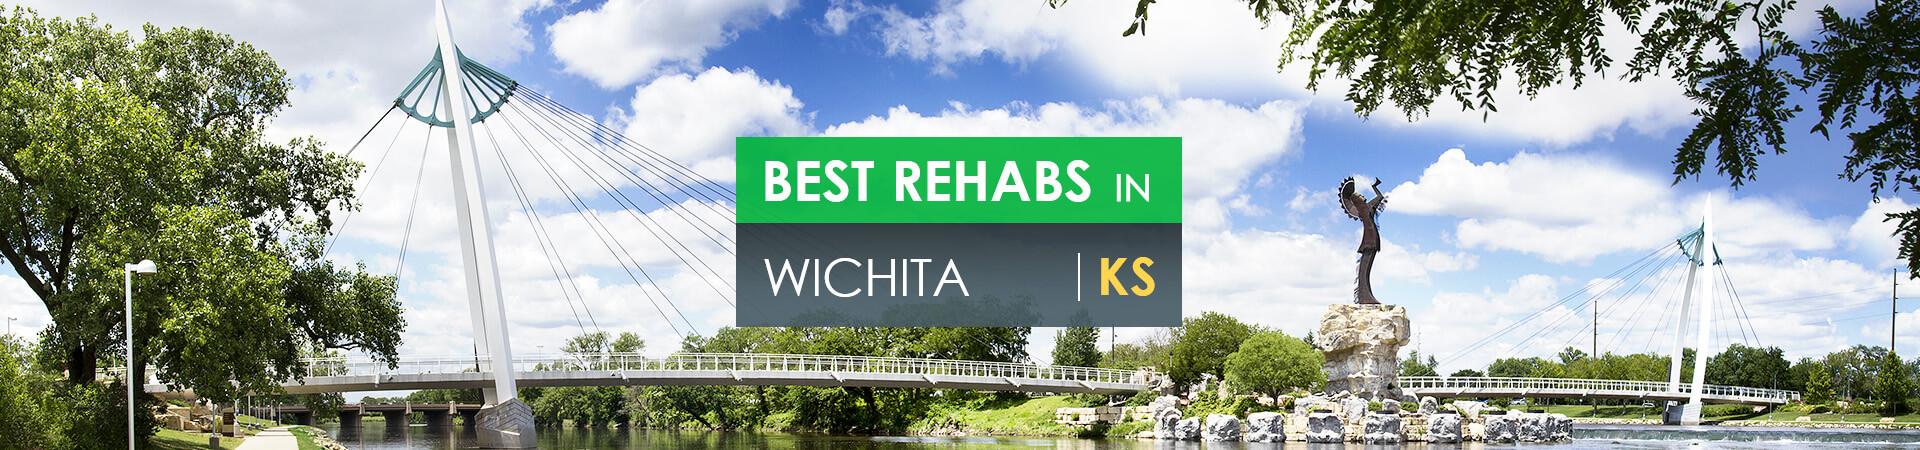 Best rehabs in Wichita, KS